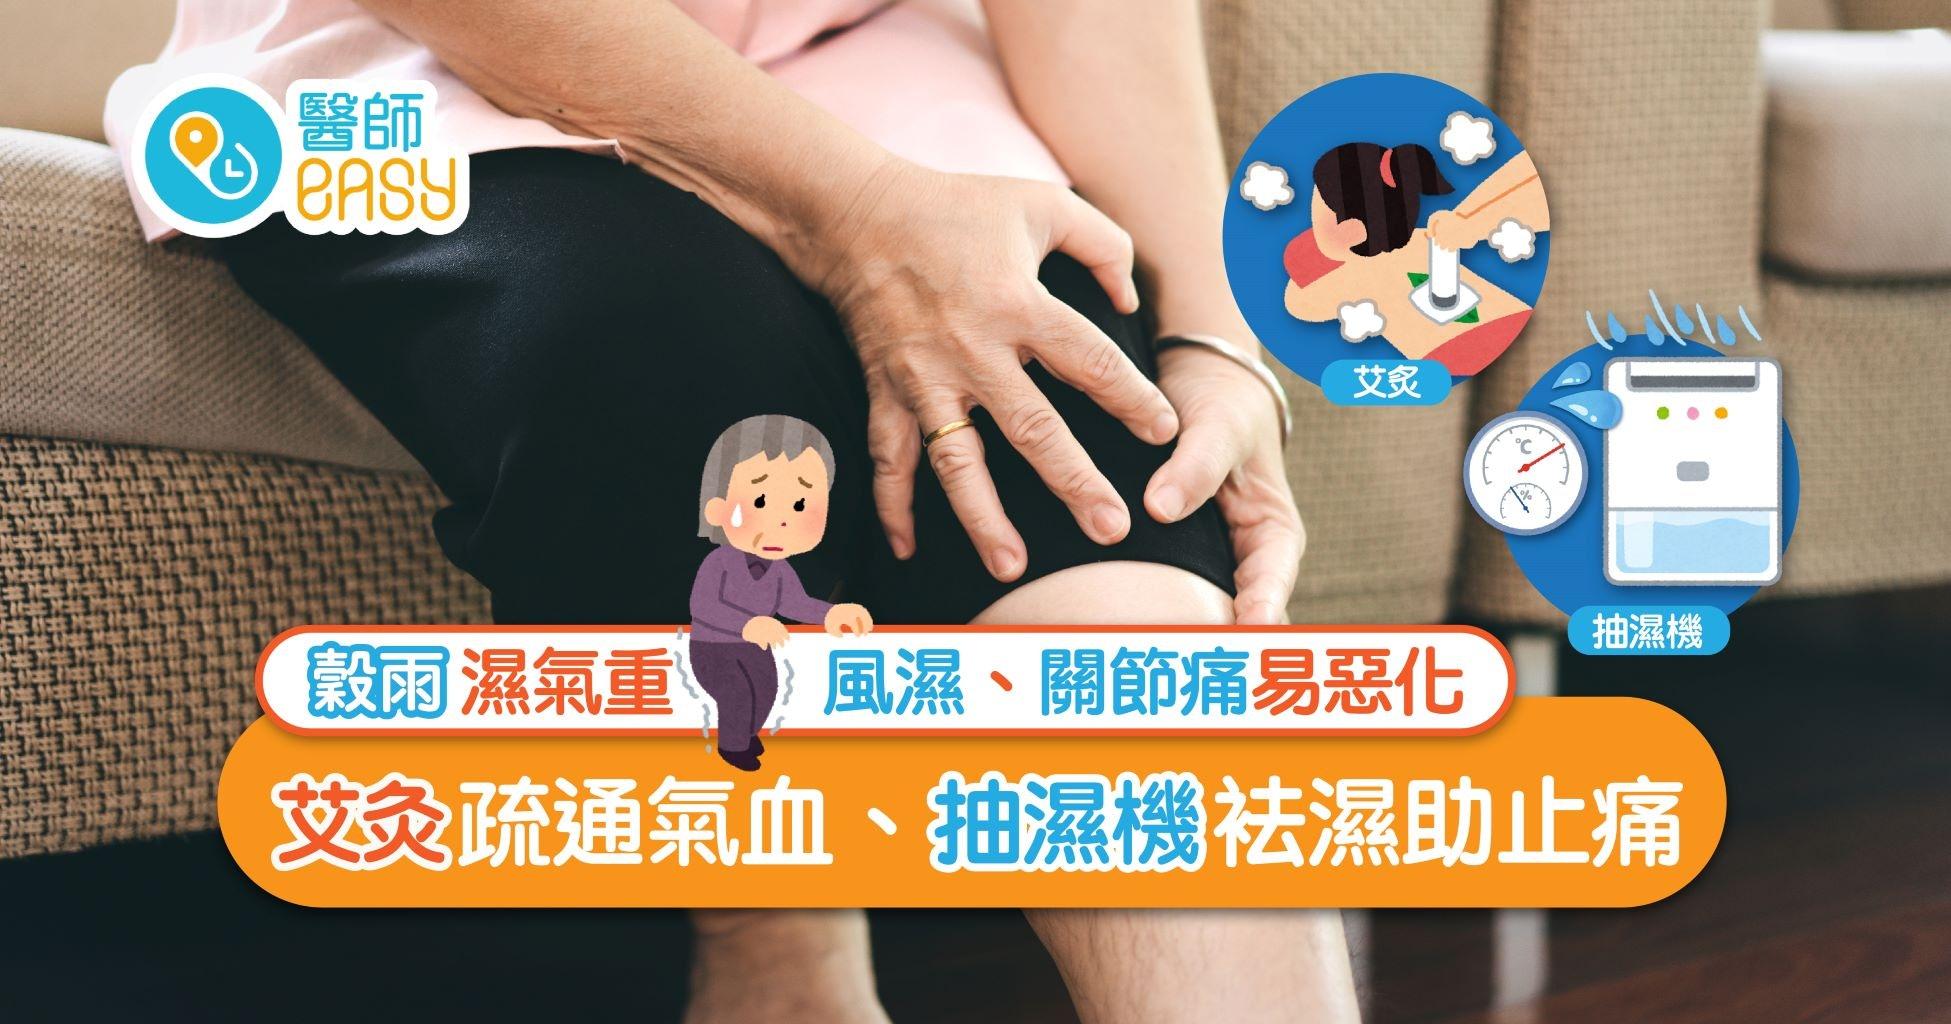 濕氣重|中醫淺談潮濕天氣如何影響關節 艾灸與抽濕機可減輕疼痛?